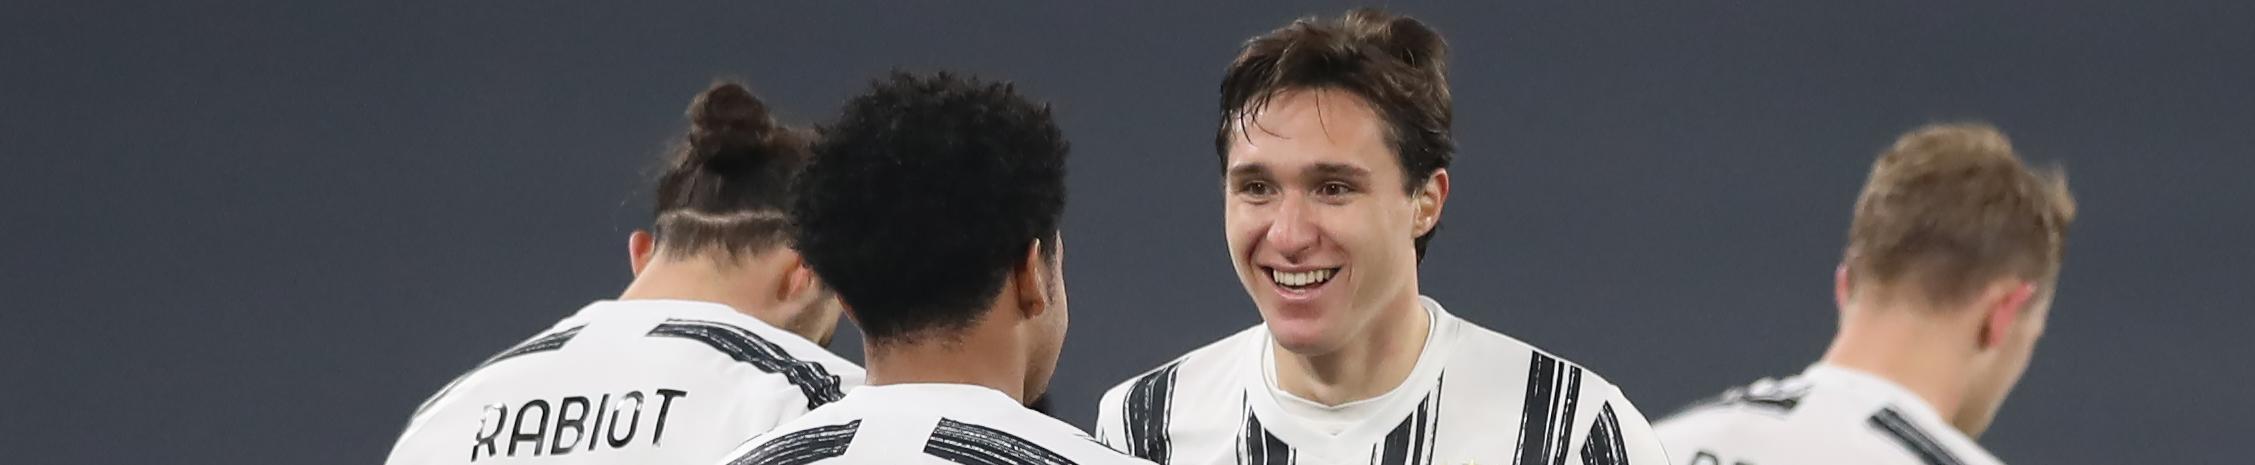 Pronostico Juventus-Fiorentina, sfida al passato per Chiesa - le ultimissime